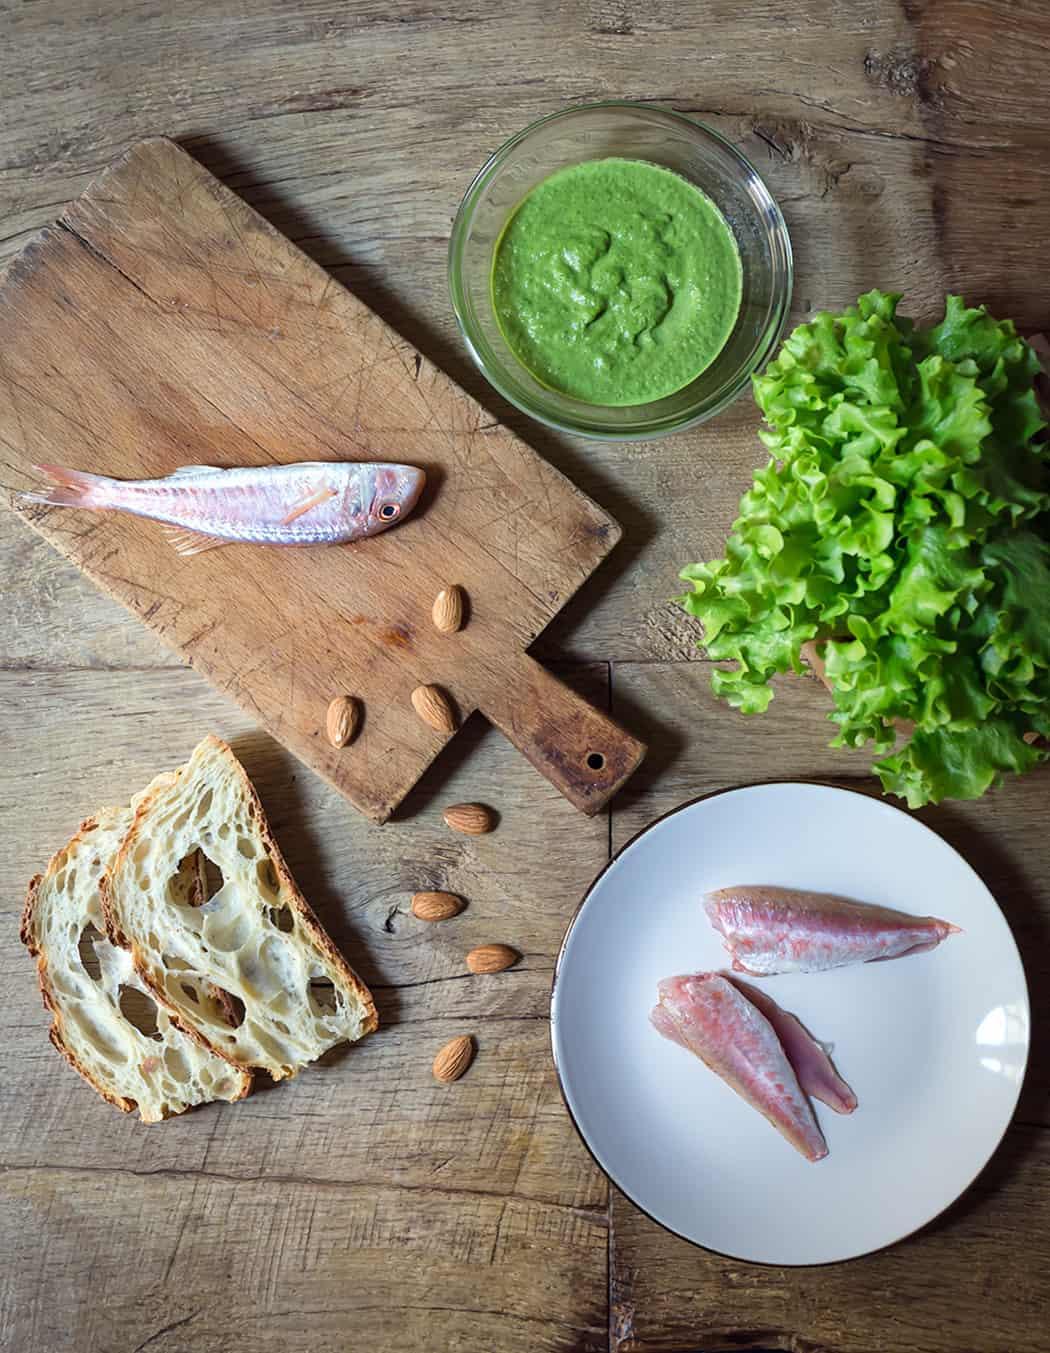 ricetta triglie con insalata Lusia